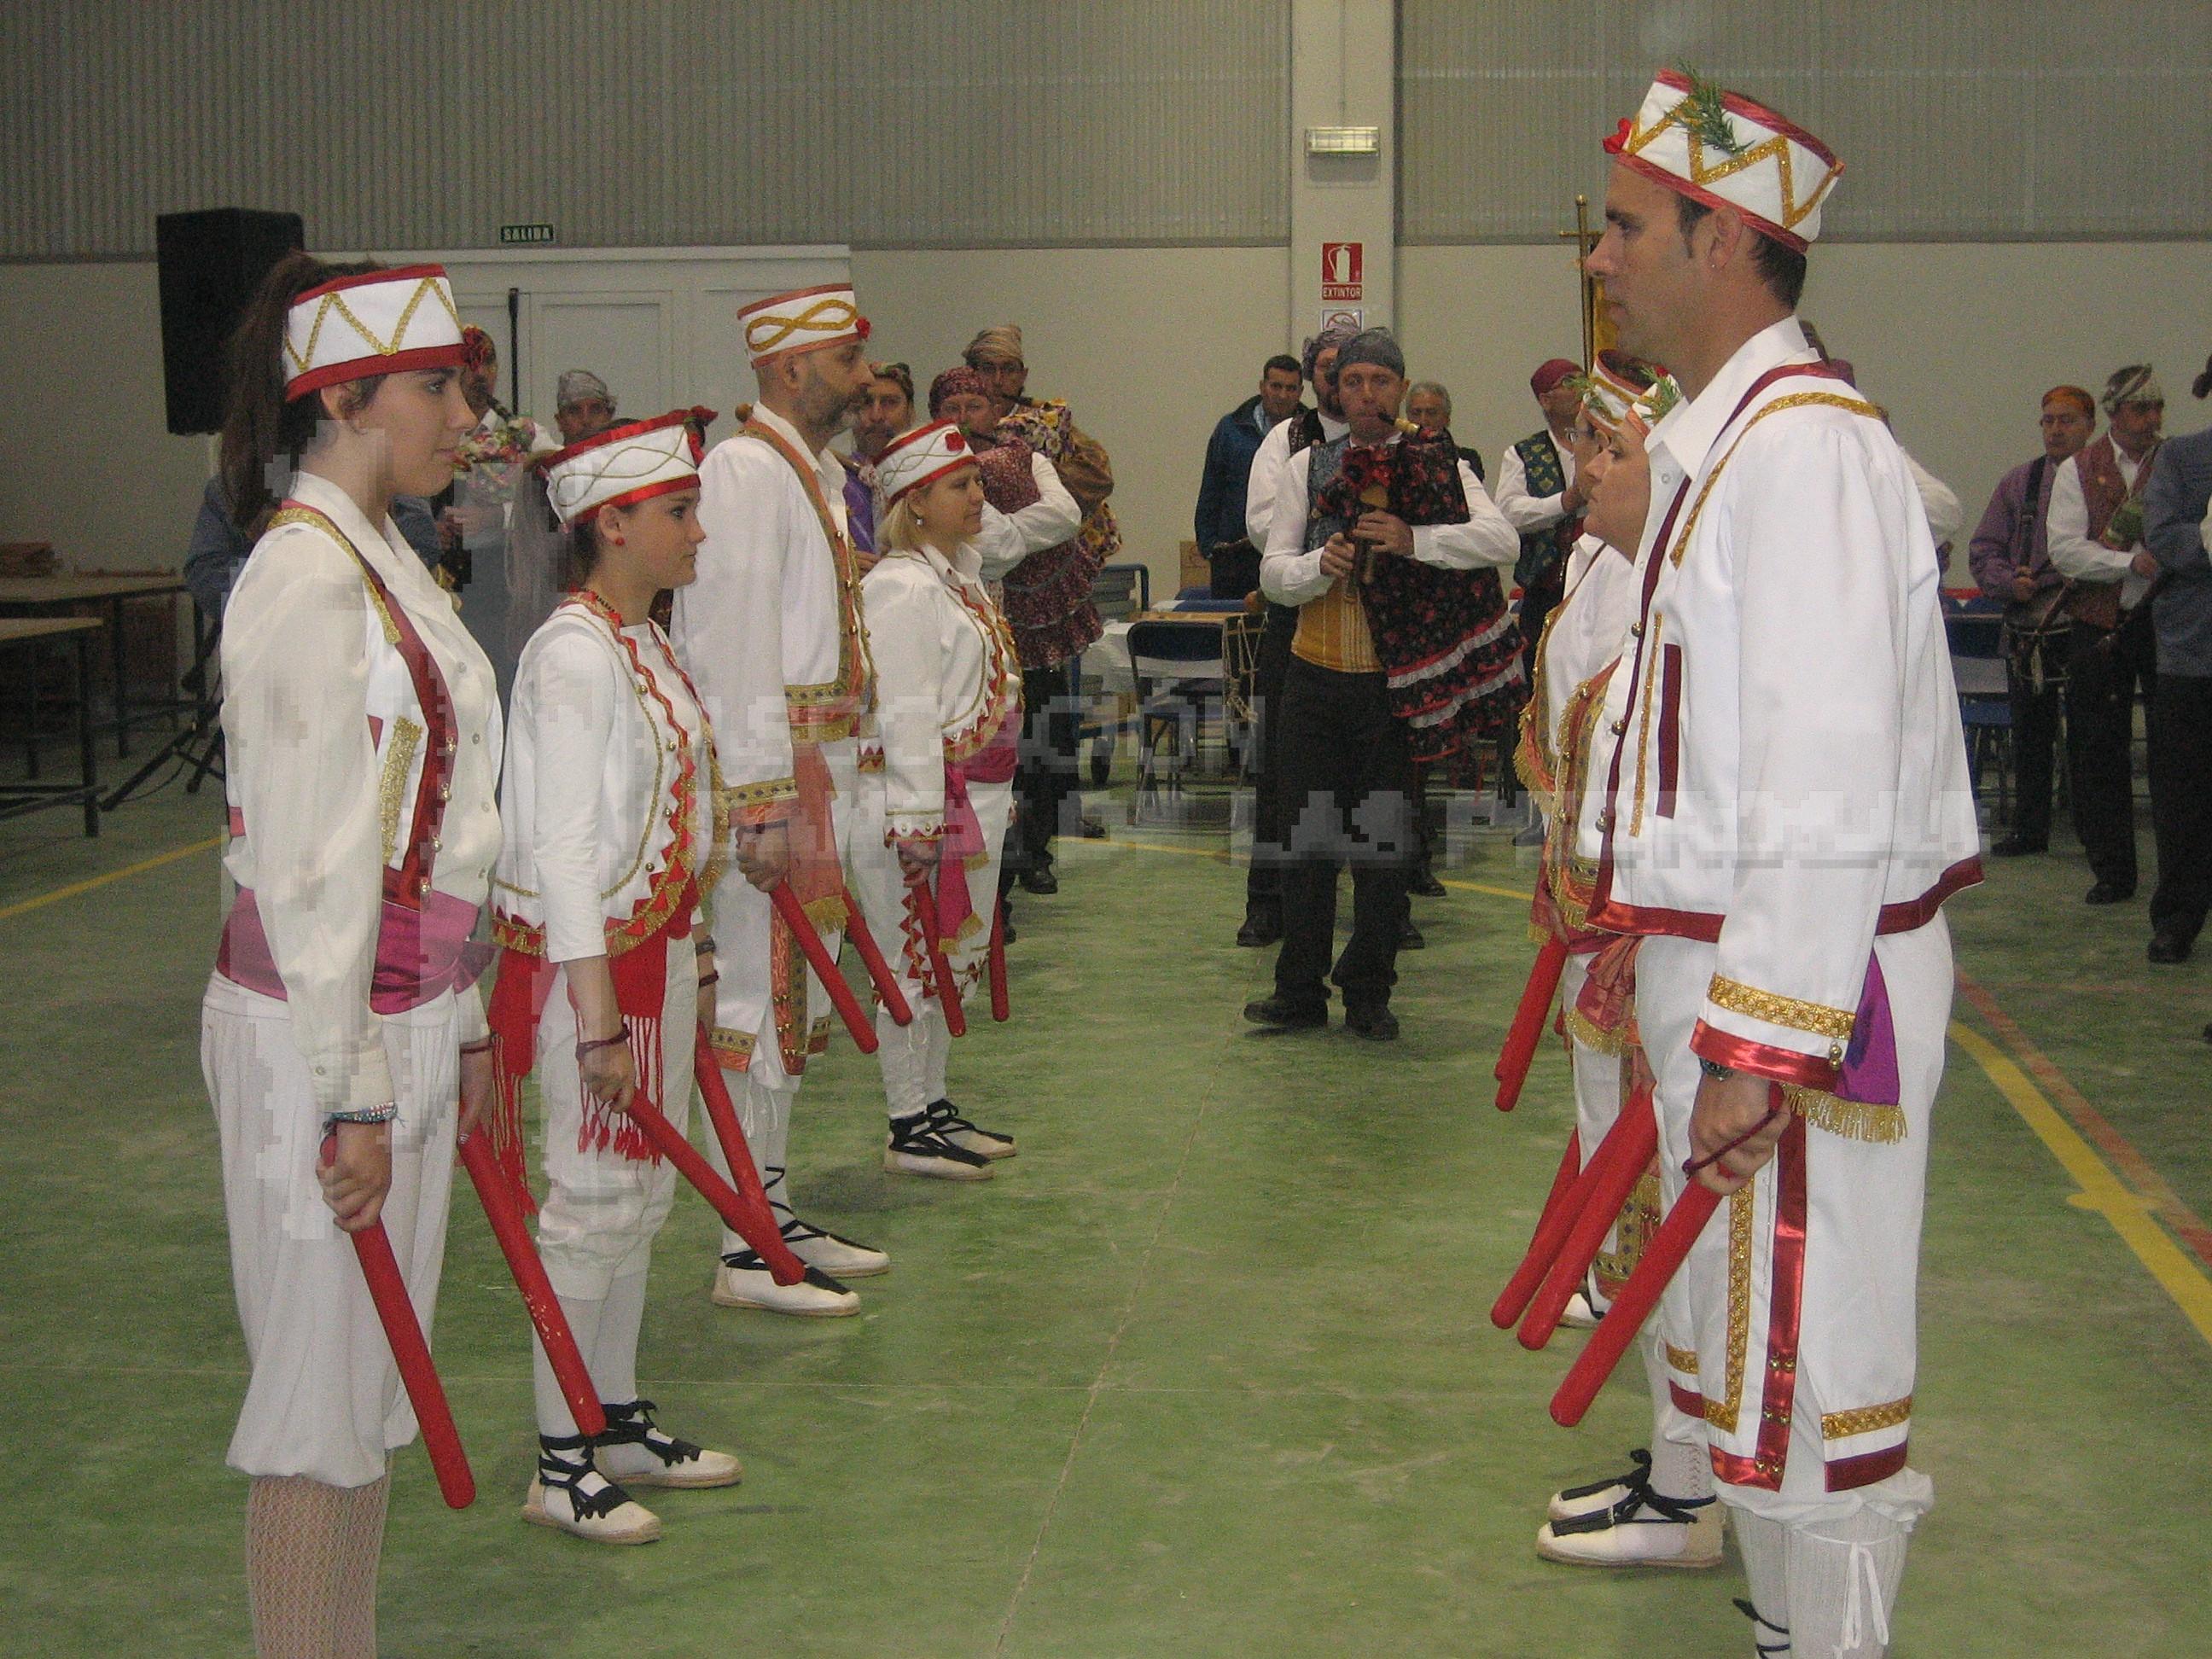 Danzantes de Las Pedrosas en Castejón de Valdejasa